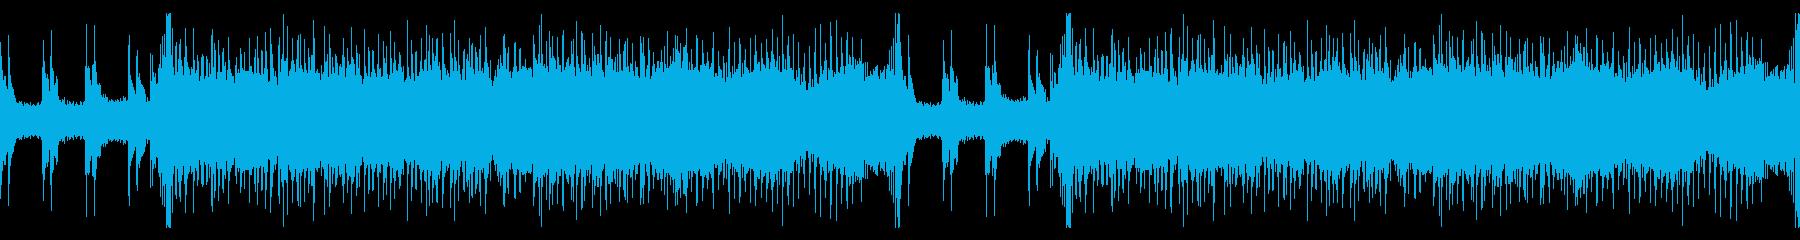 ゲーム・戦闘バトルシーン風ギターループ曲の再生済みの波形